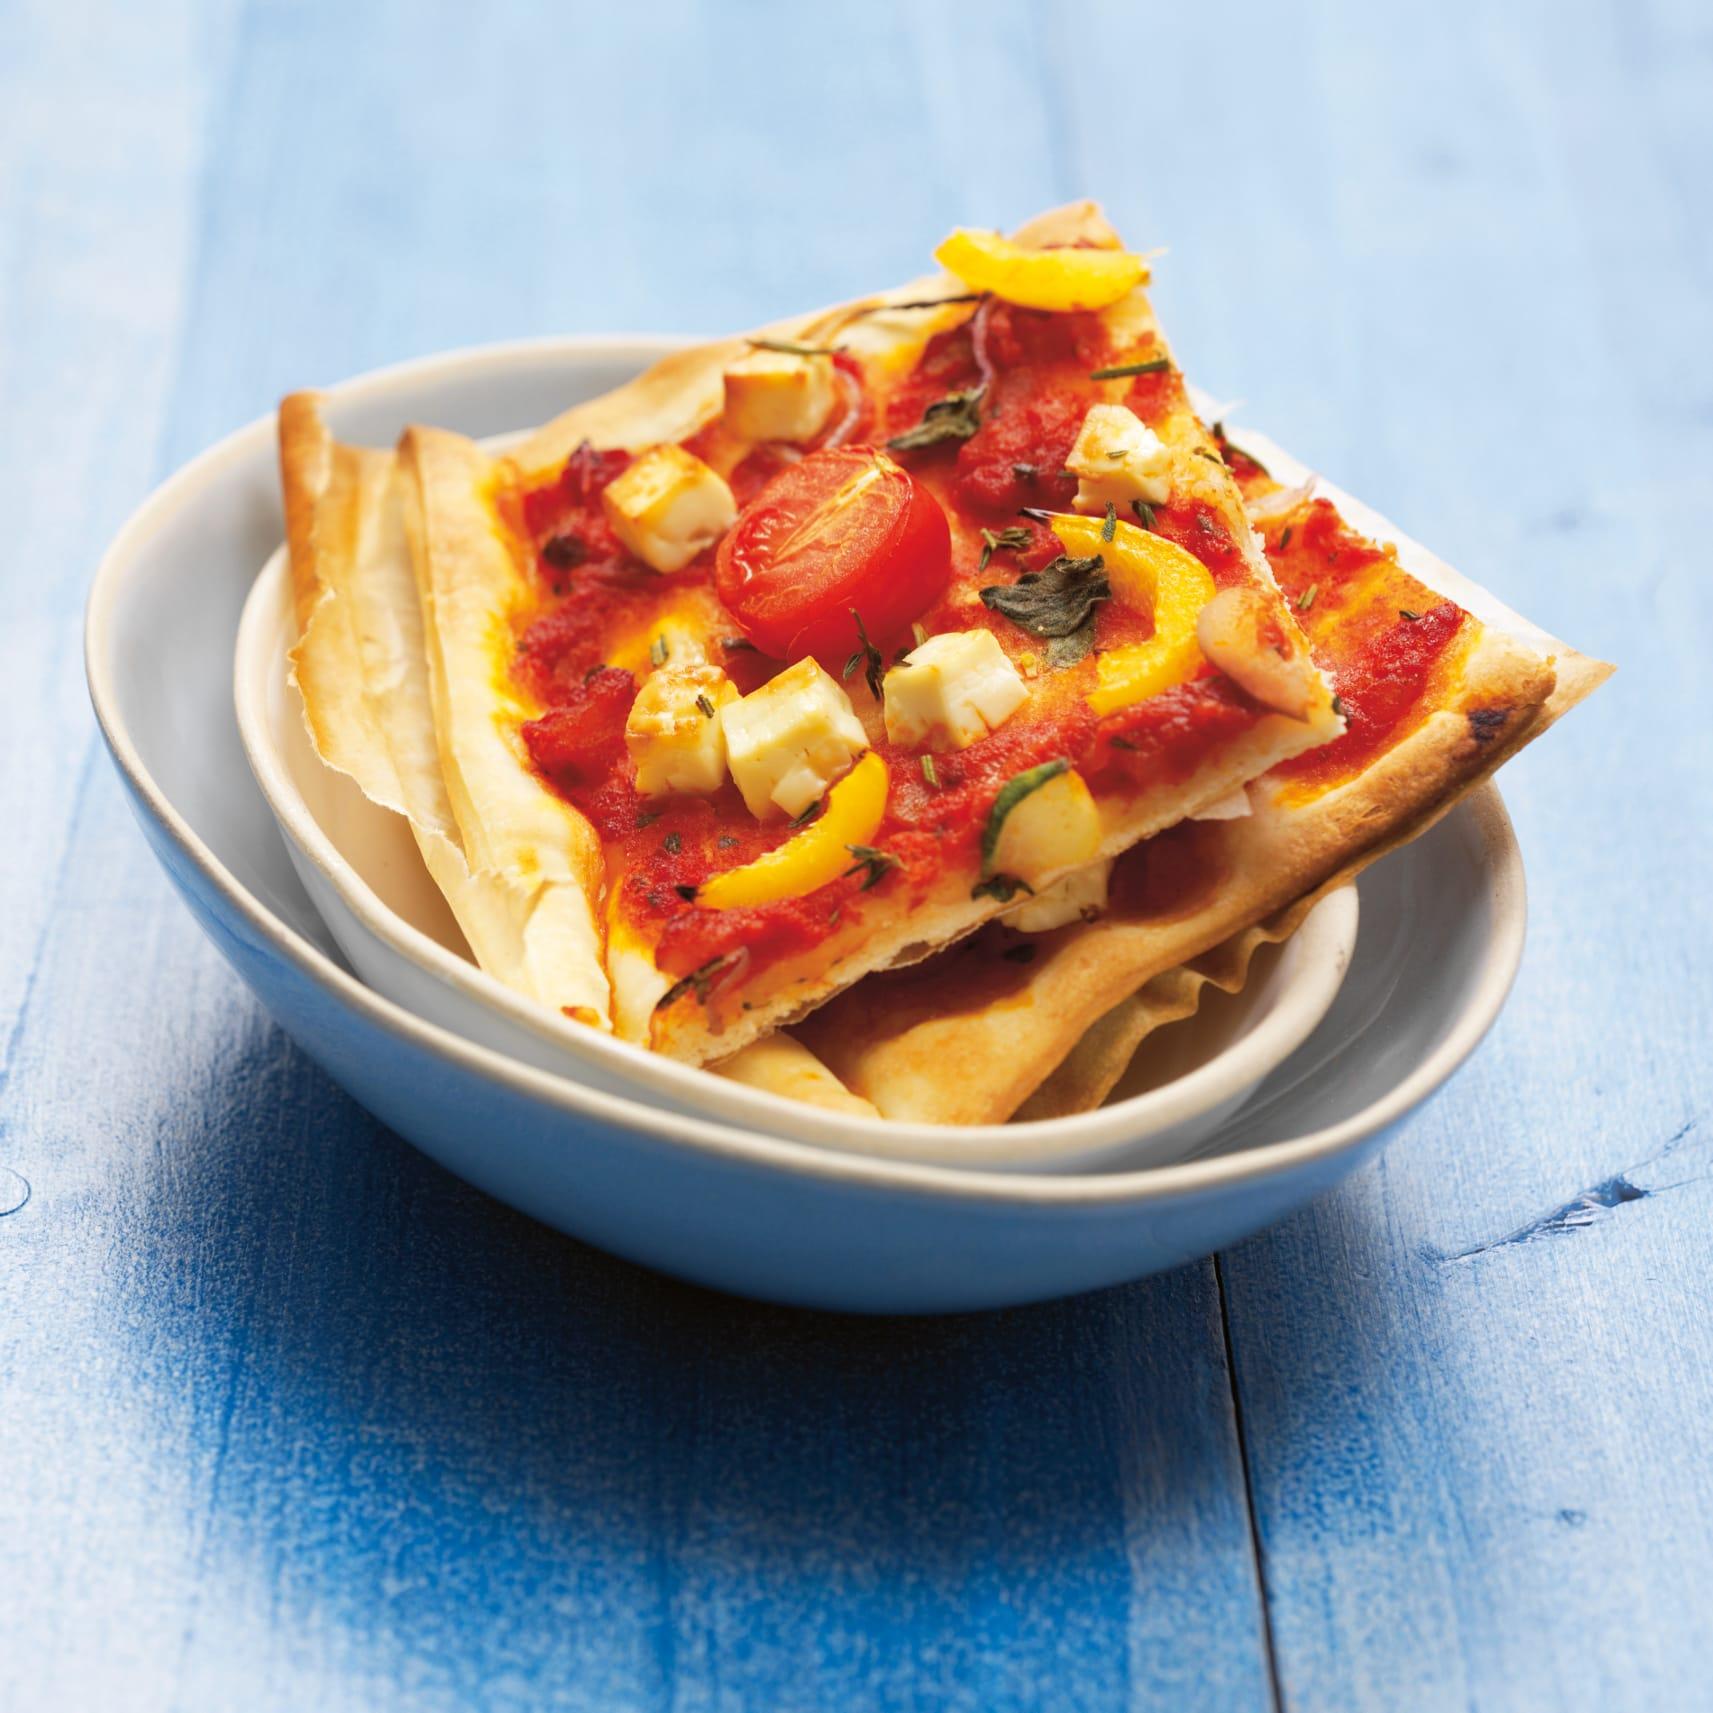 Gemüsepizza mit Frischkäse